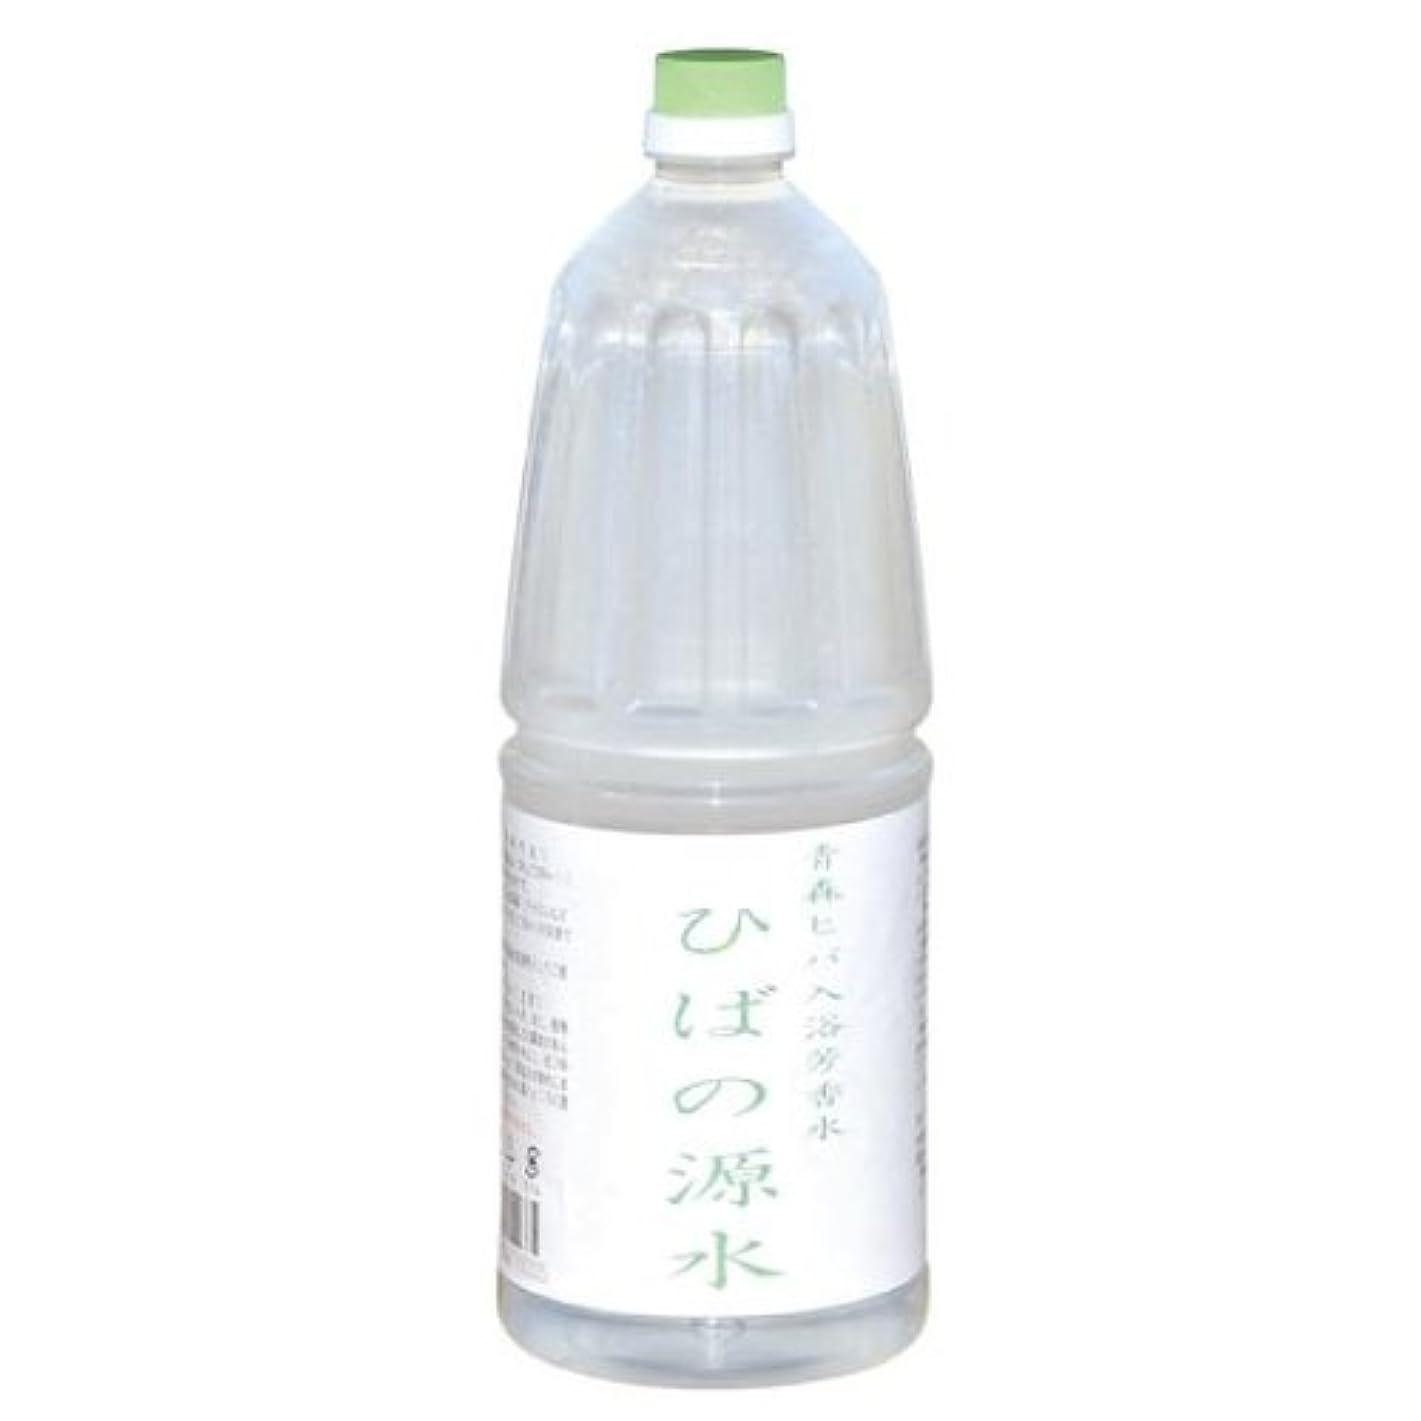 一部民間人専門化する青森ひば蒸留水 ひばの源水1800ml